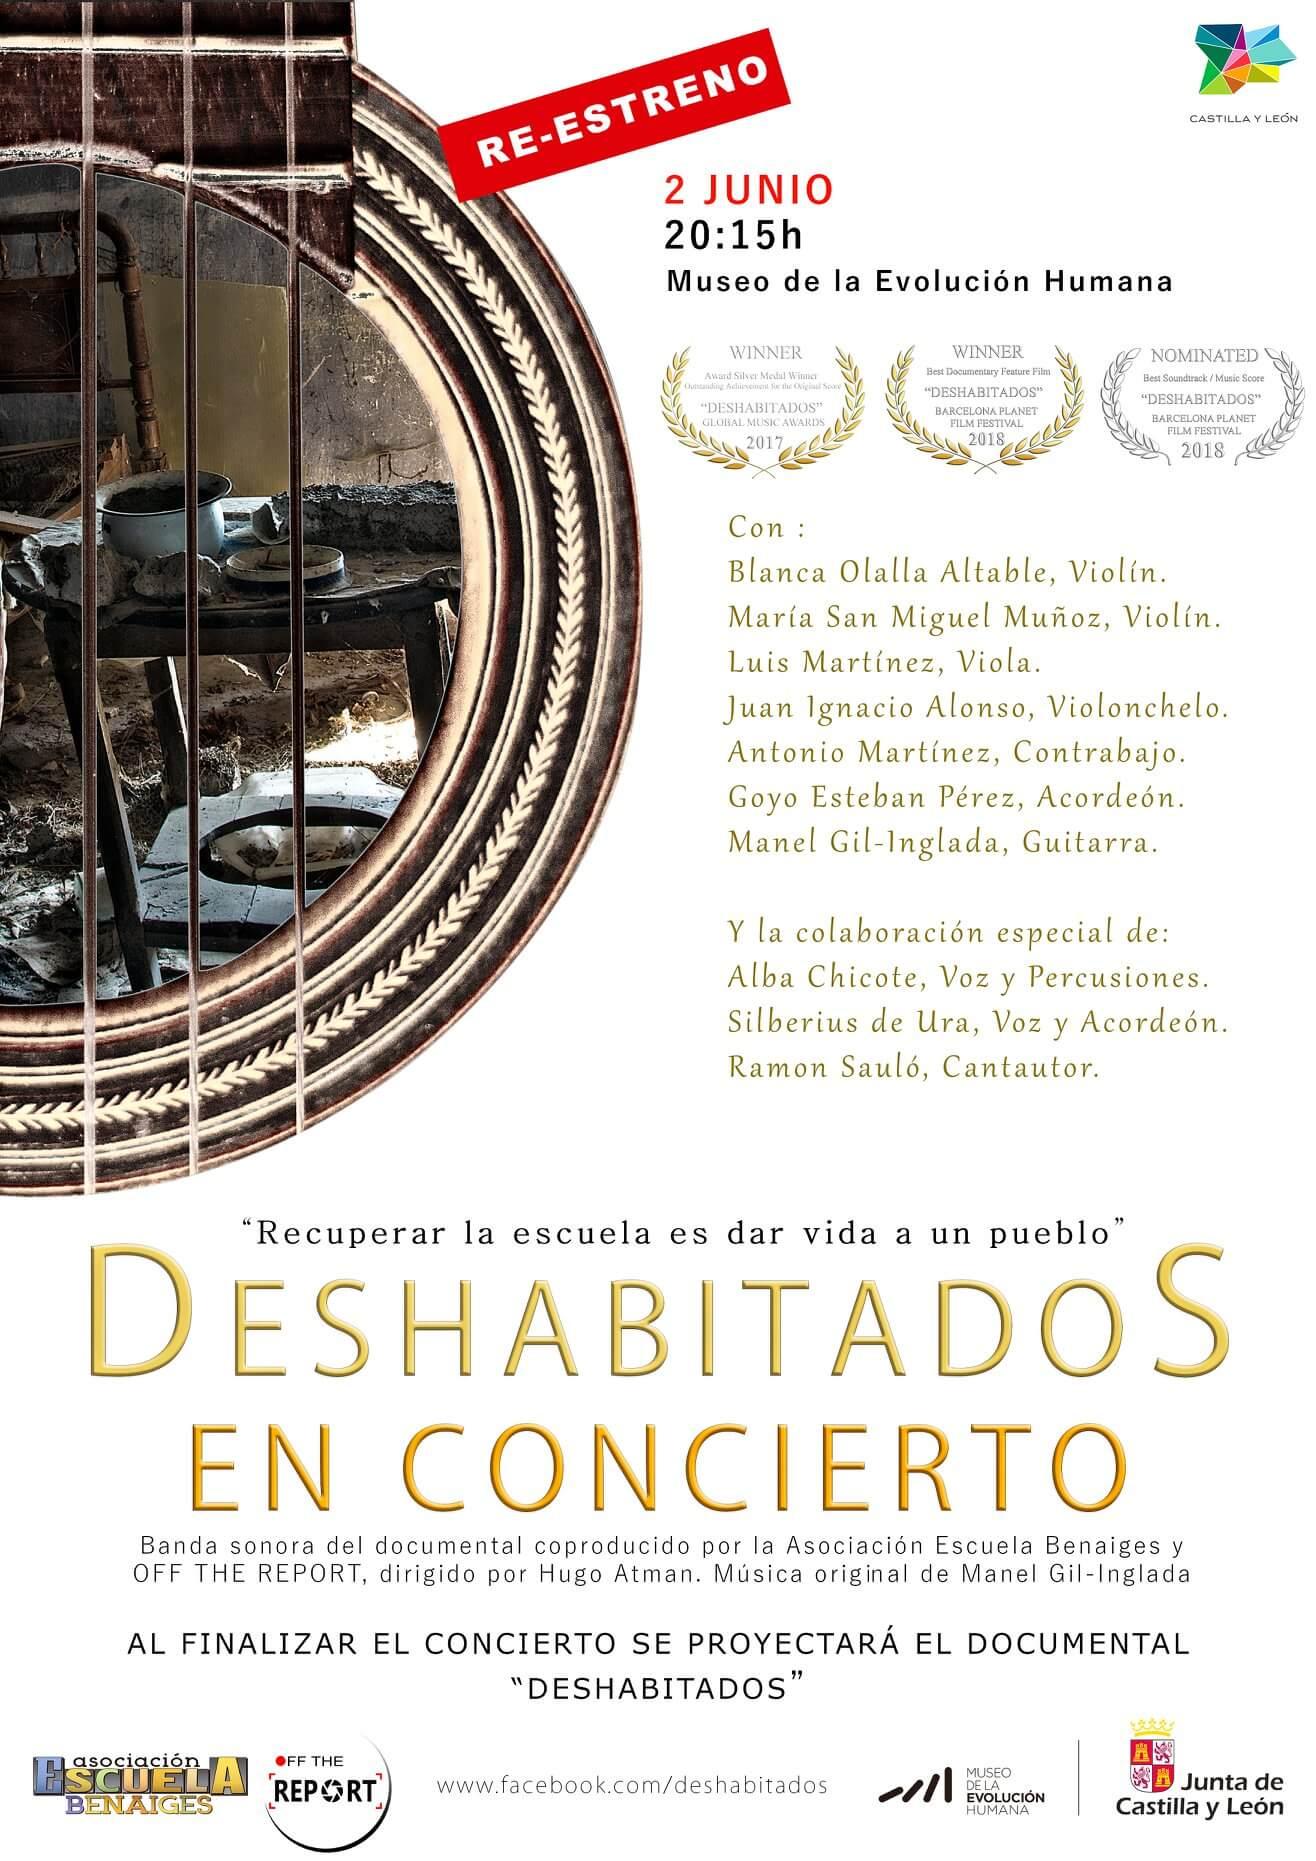 Concierto y re-estreno del documental Deshabitados